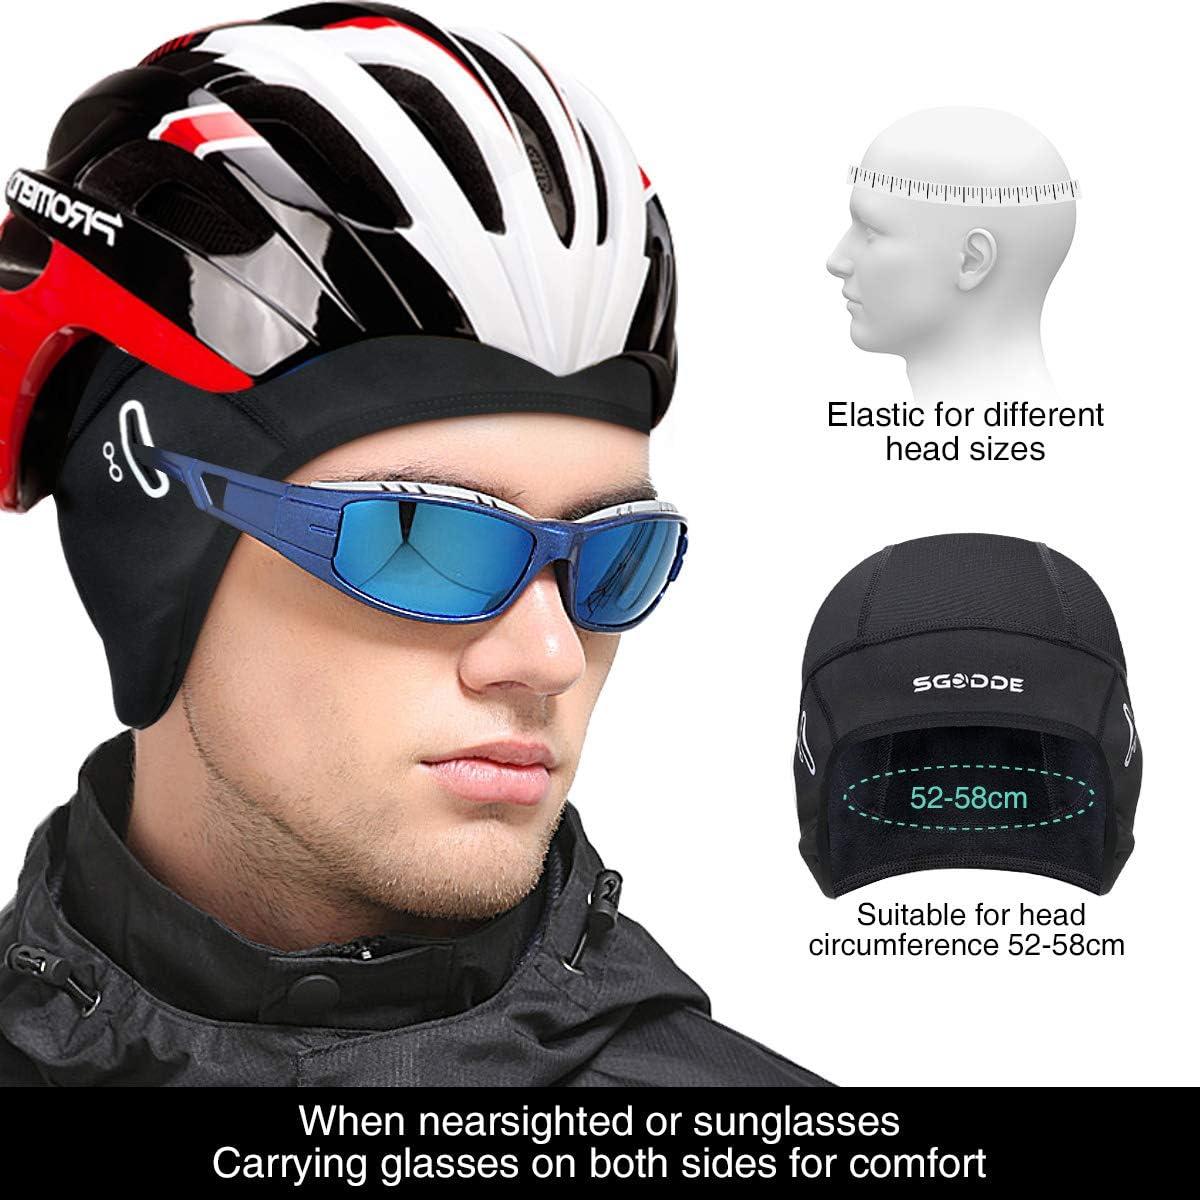 au Ski CXG Bonnet V/élo Bonnet sous Casque Calotte de Cyclisme Bonnet Running dhiver Durable, pour Homme//Femme au Moto Adapt/é /à la Course Coupe Respirant au V/élo